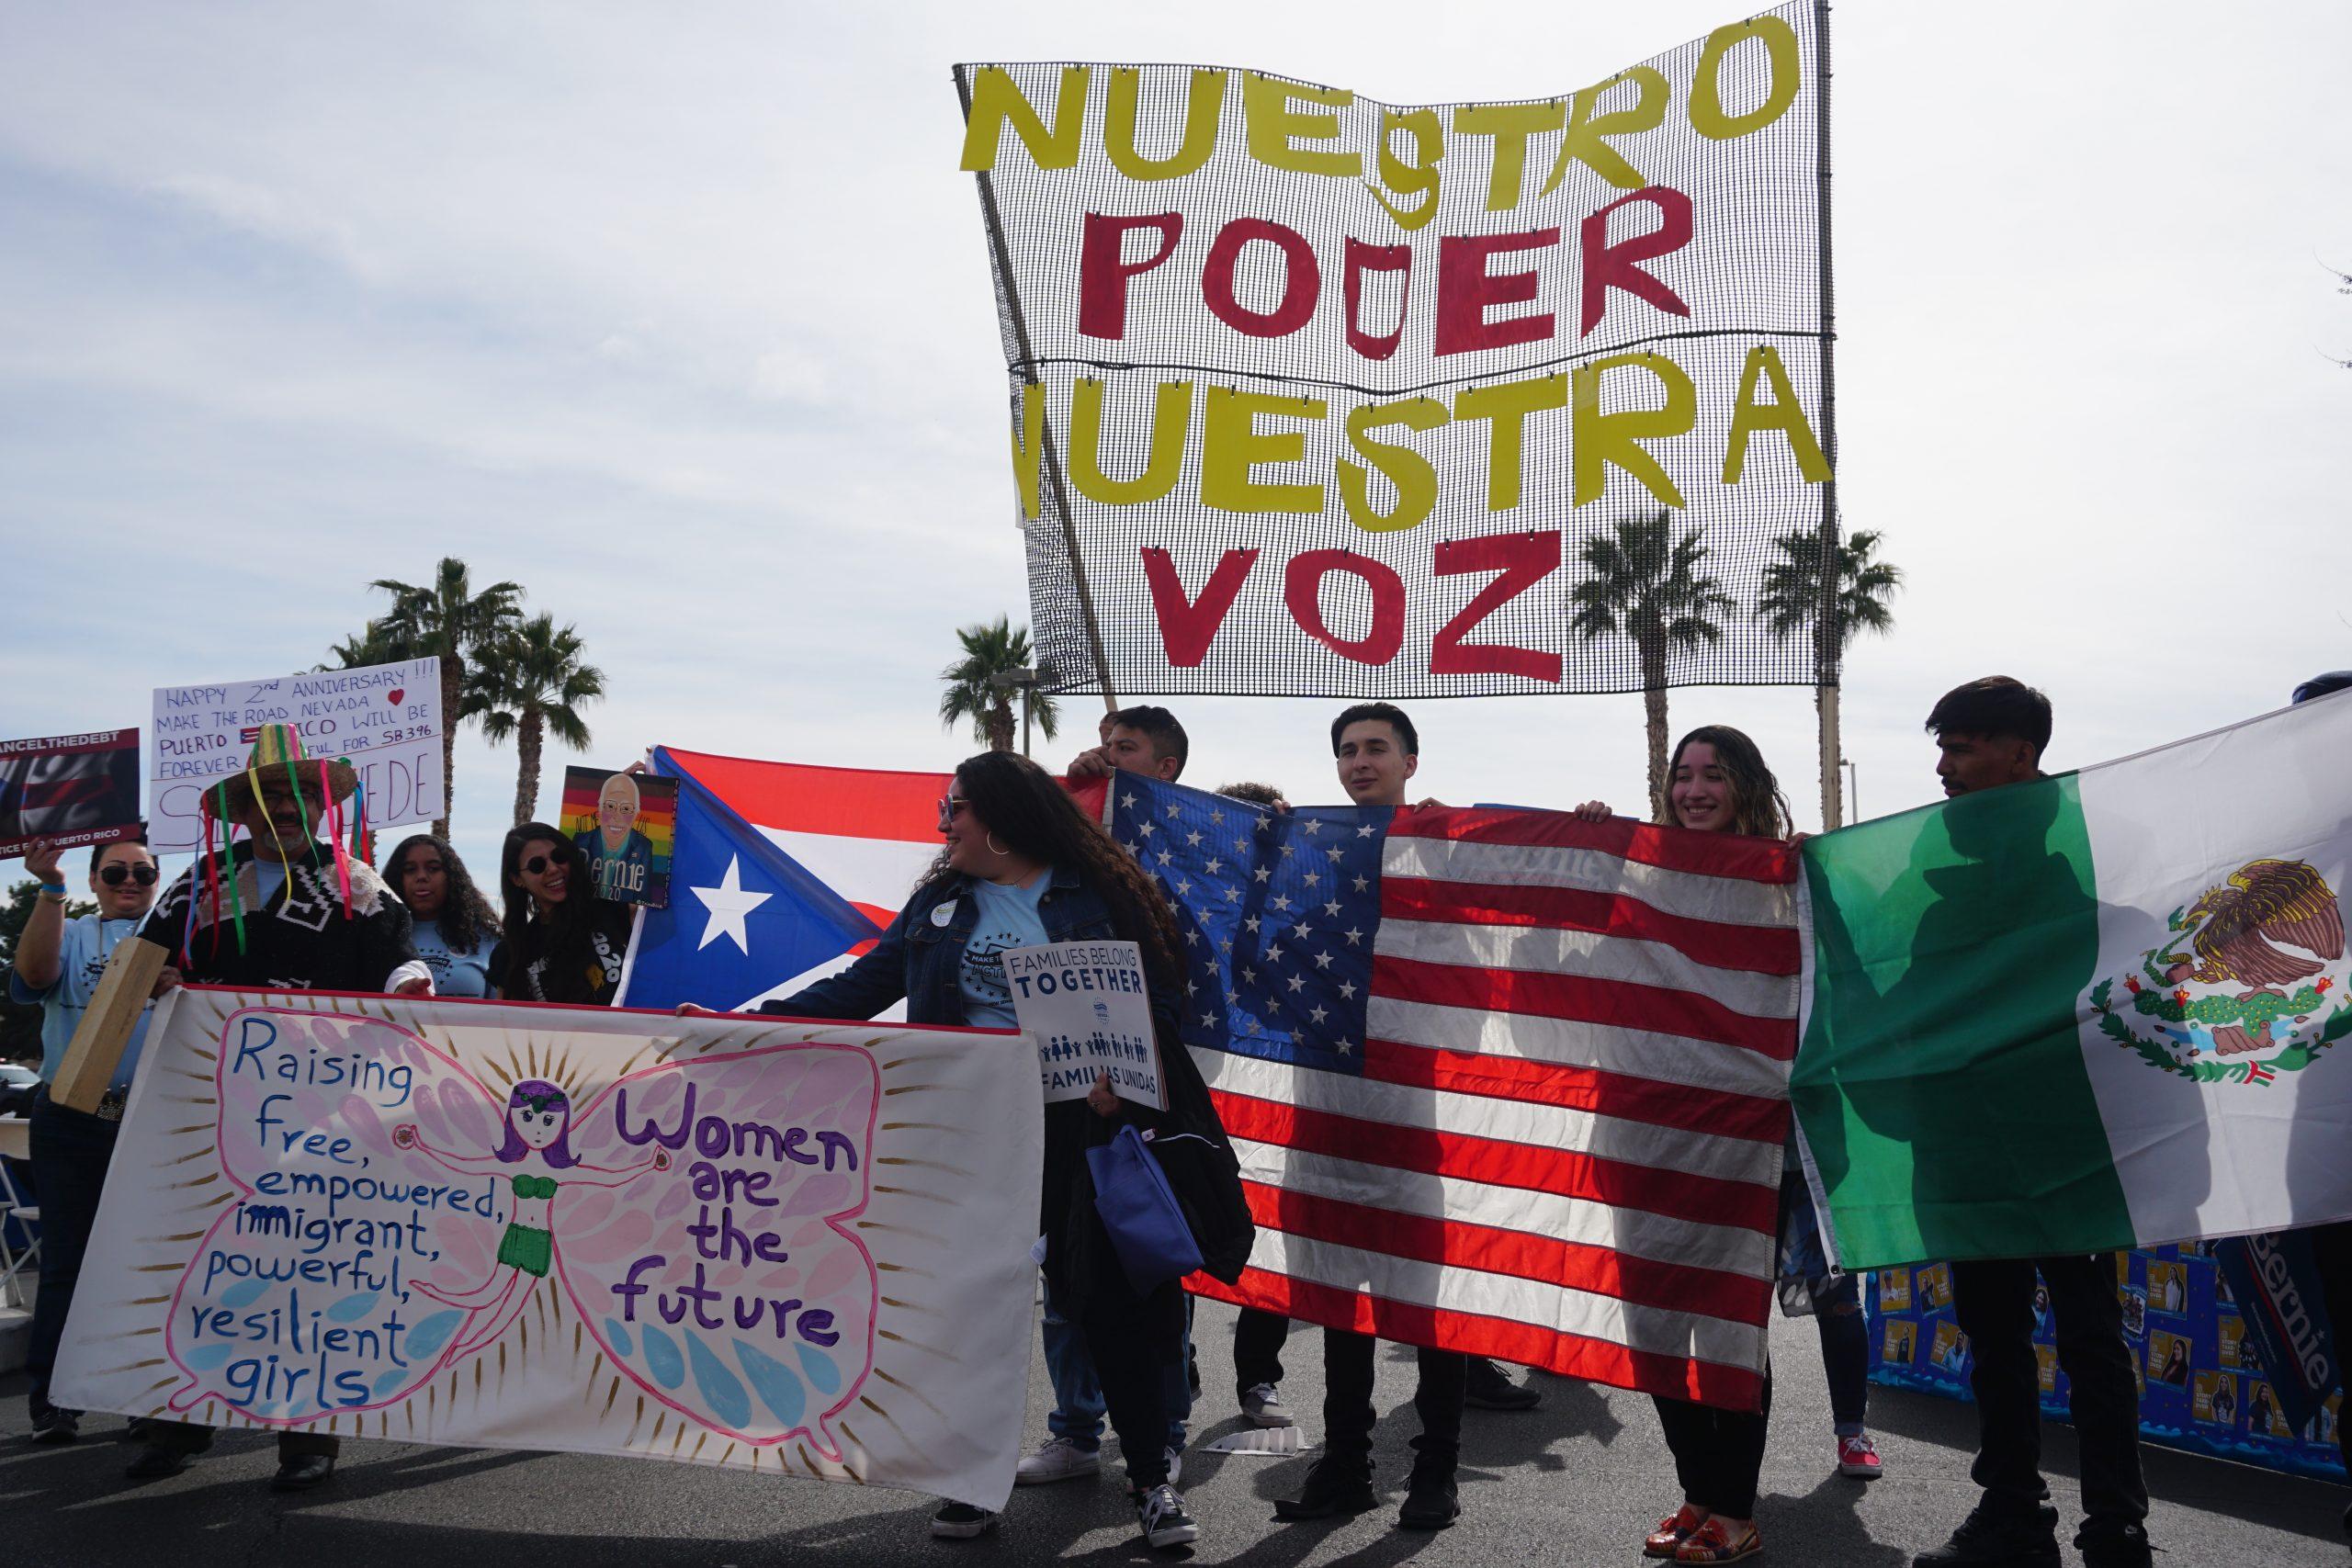 El sábado 15 de febrero Bernie Sanders habló en Las Vegas, Nevada, ante un mitin organizado por Make the Road, una ONG que vela por los derechos de los inmigrantes. Luego, encabezó una marcha de más de 1,000 personas —mayoritariamente latinos— a las urnas de votación temprana. Foto: Richard Brown